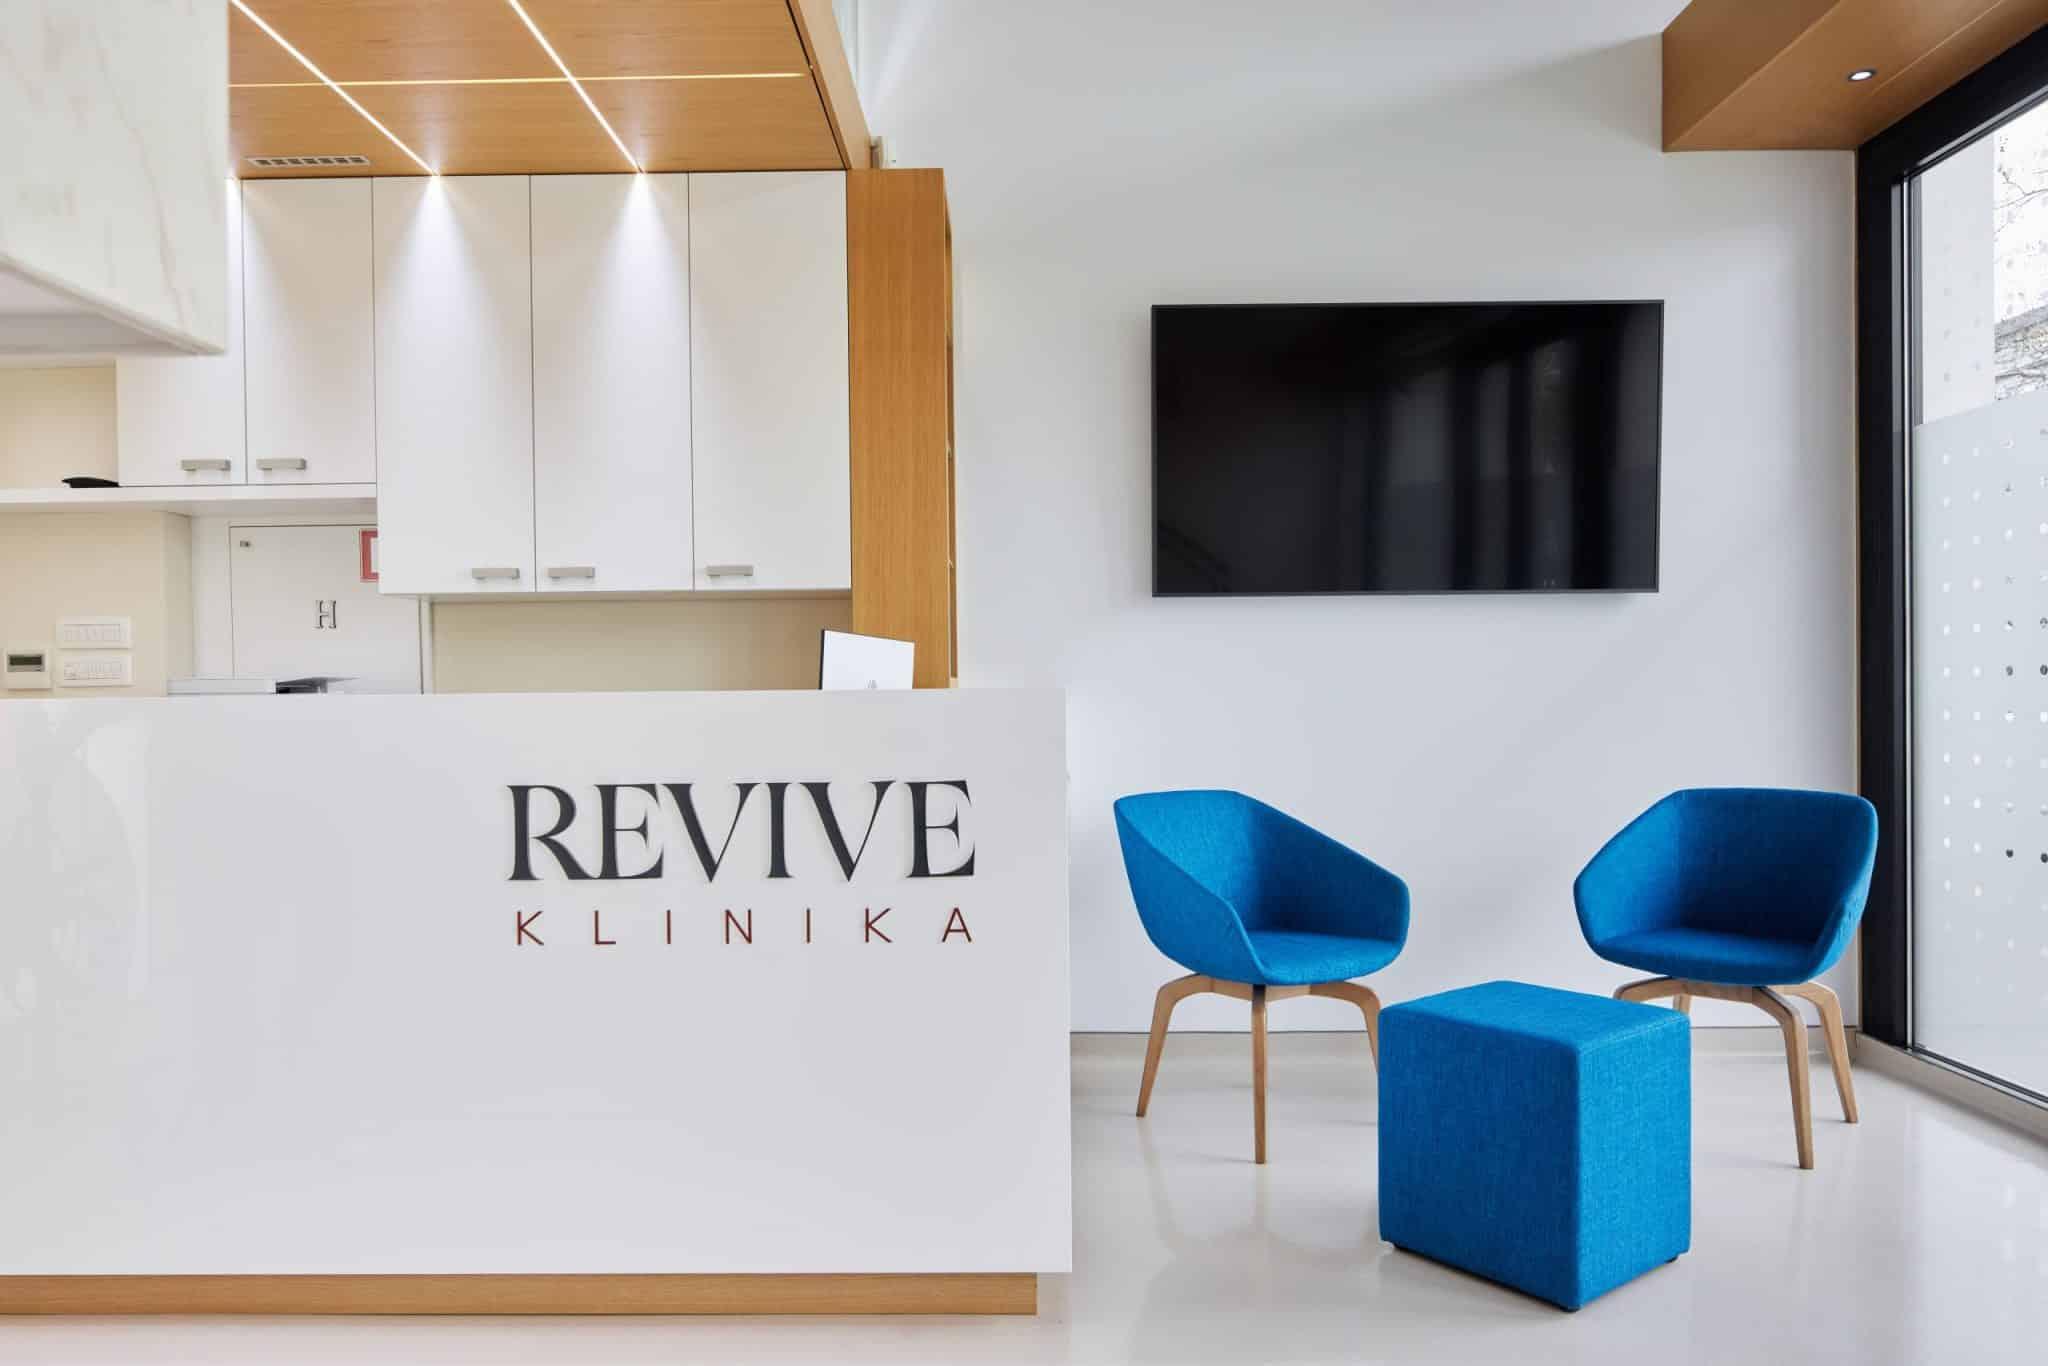 Prostori Klinike za estetiko, kirurgijo in medicino Revive